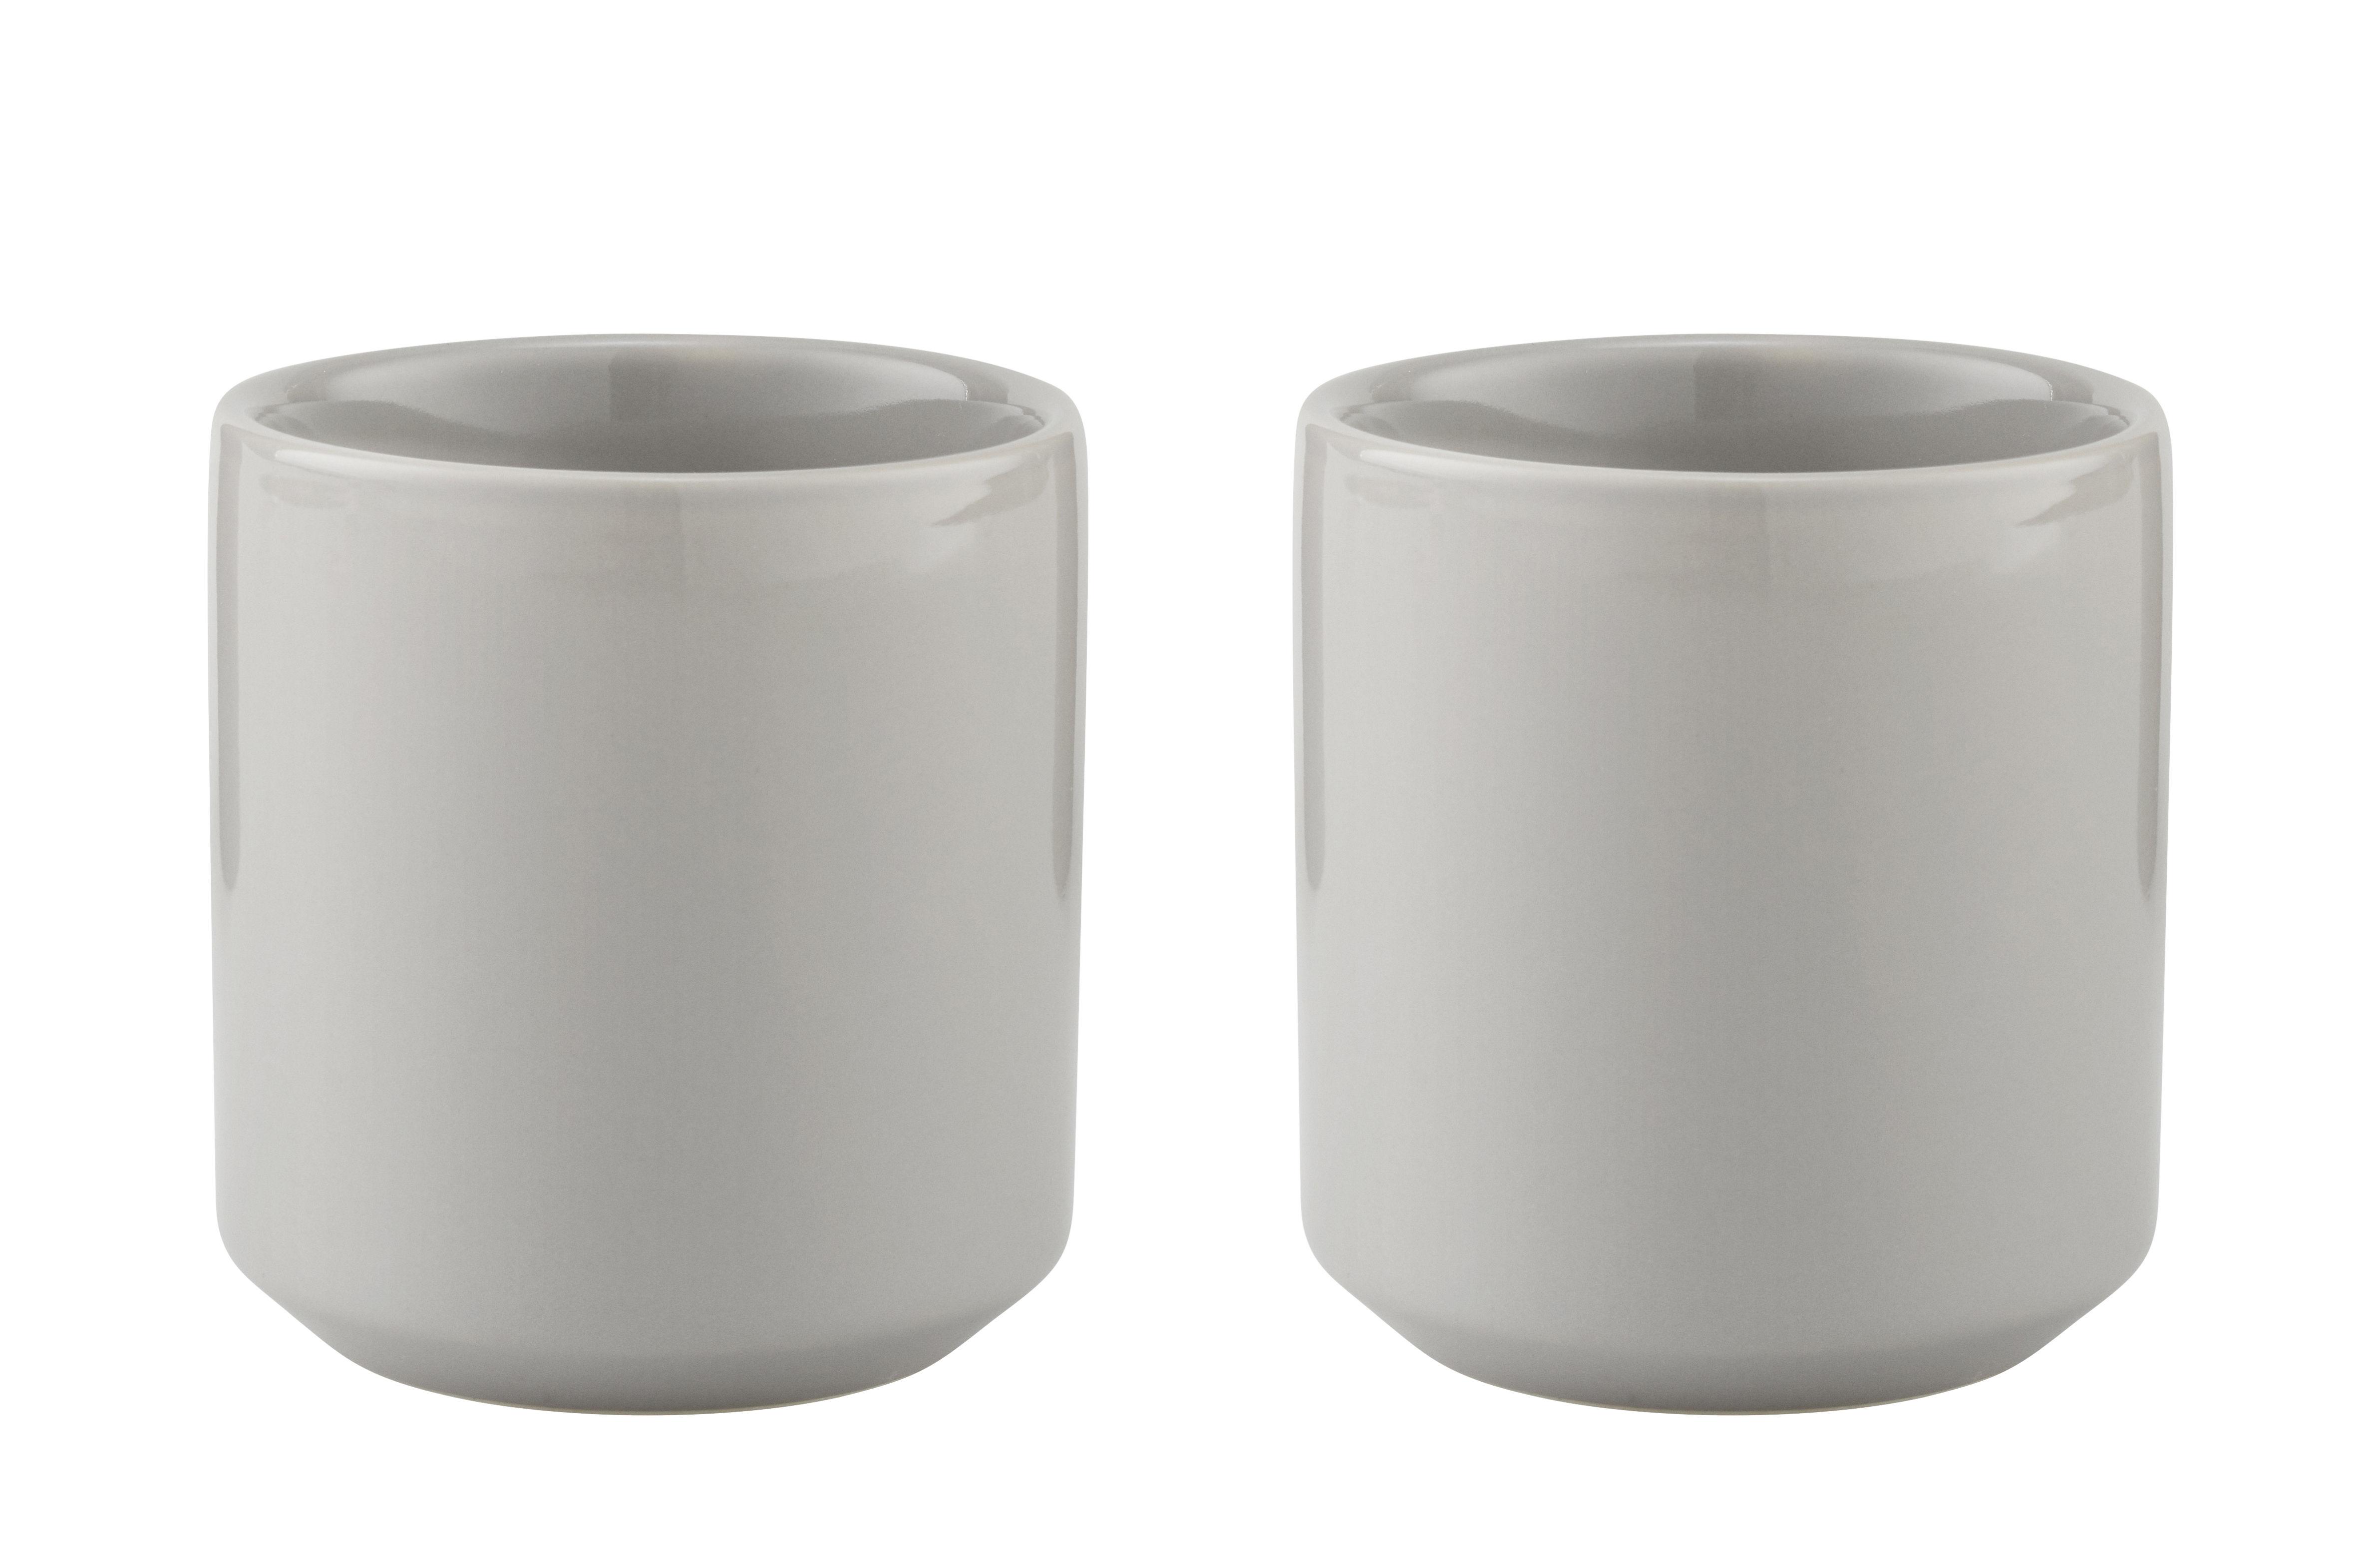 Tischkultur - Tassen und Becher - Core Iso-Tasse / Steinzeug - 2er-Set - Stelton - Hellgrau - Sandstein